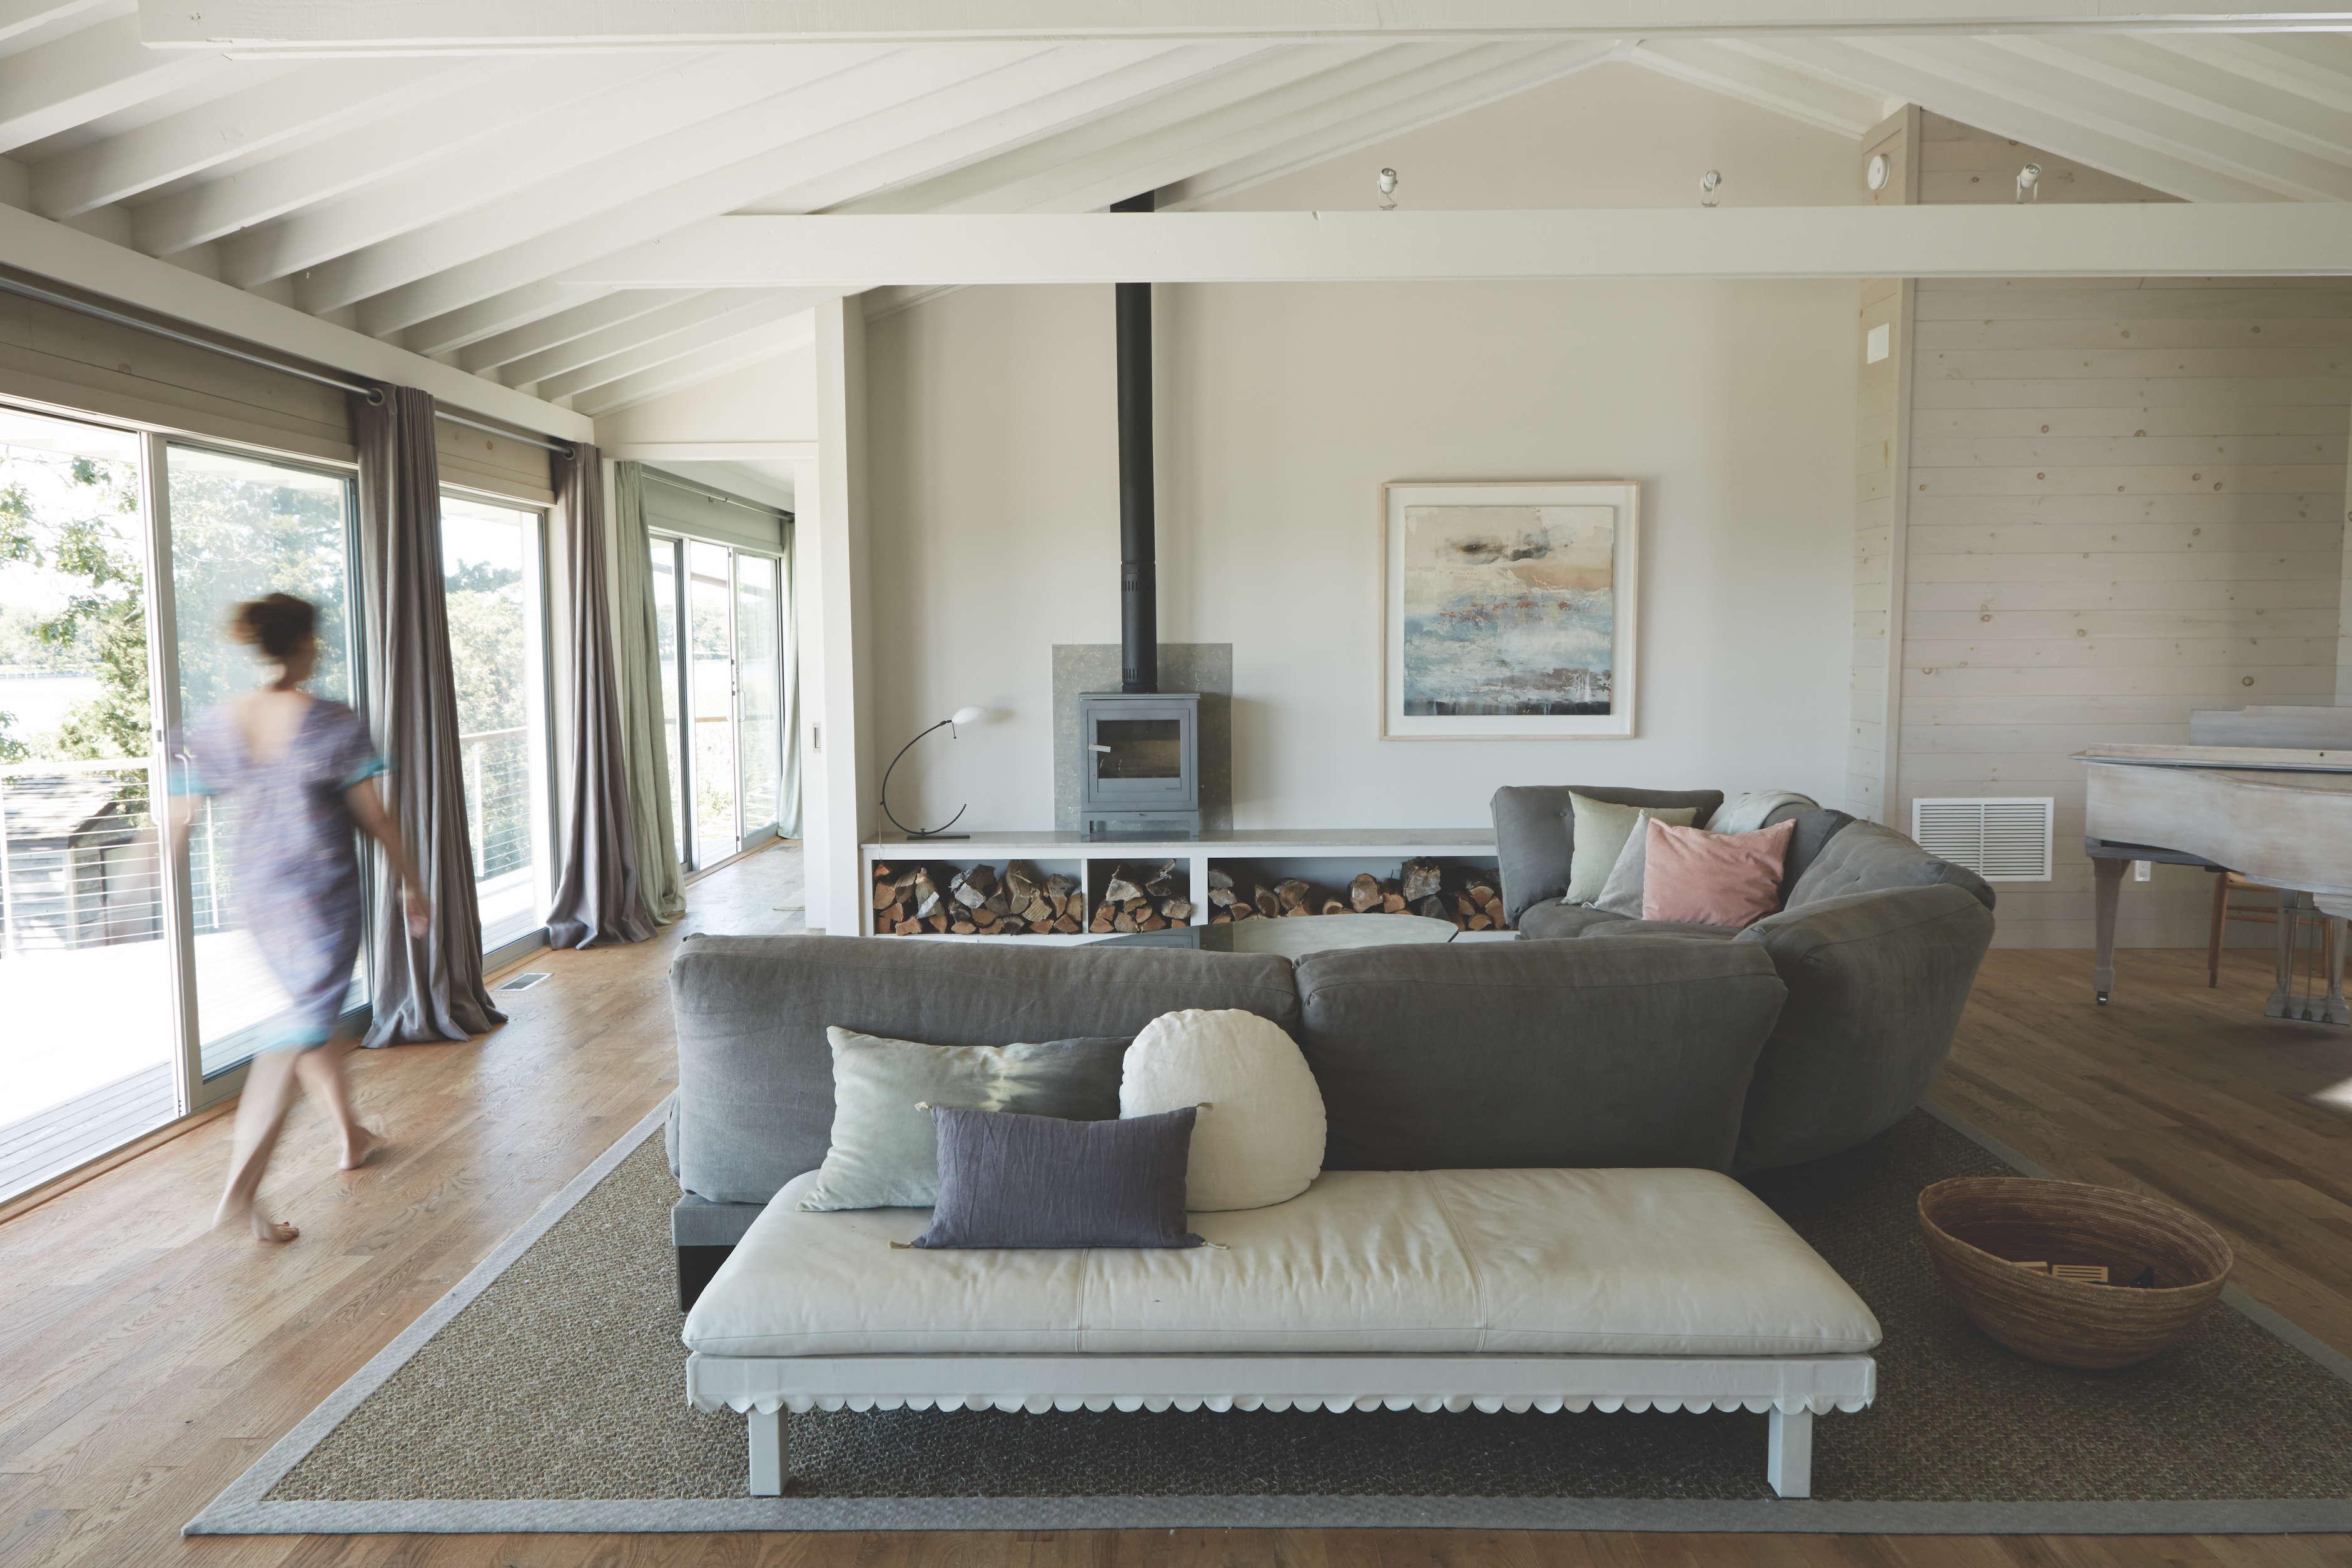 andrew corrie harriet maxwell macdonald shelter island house remodelista 3 9